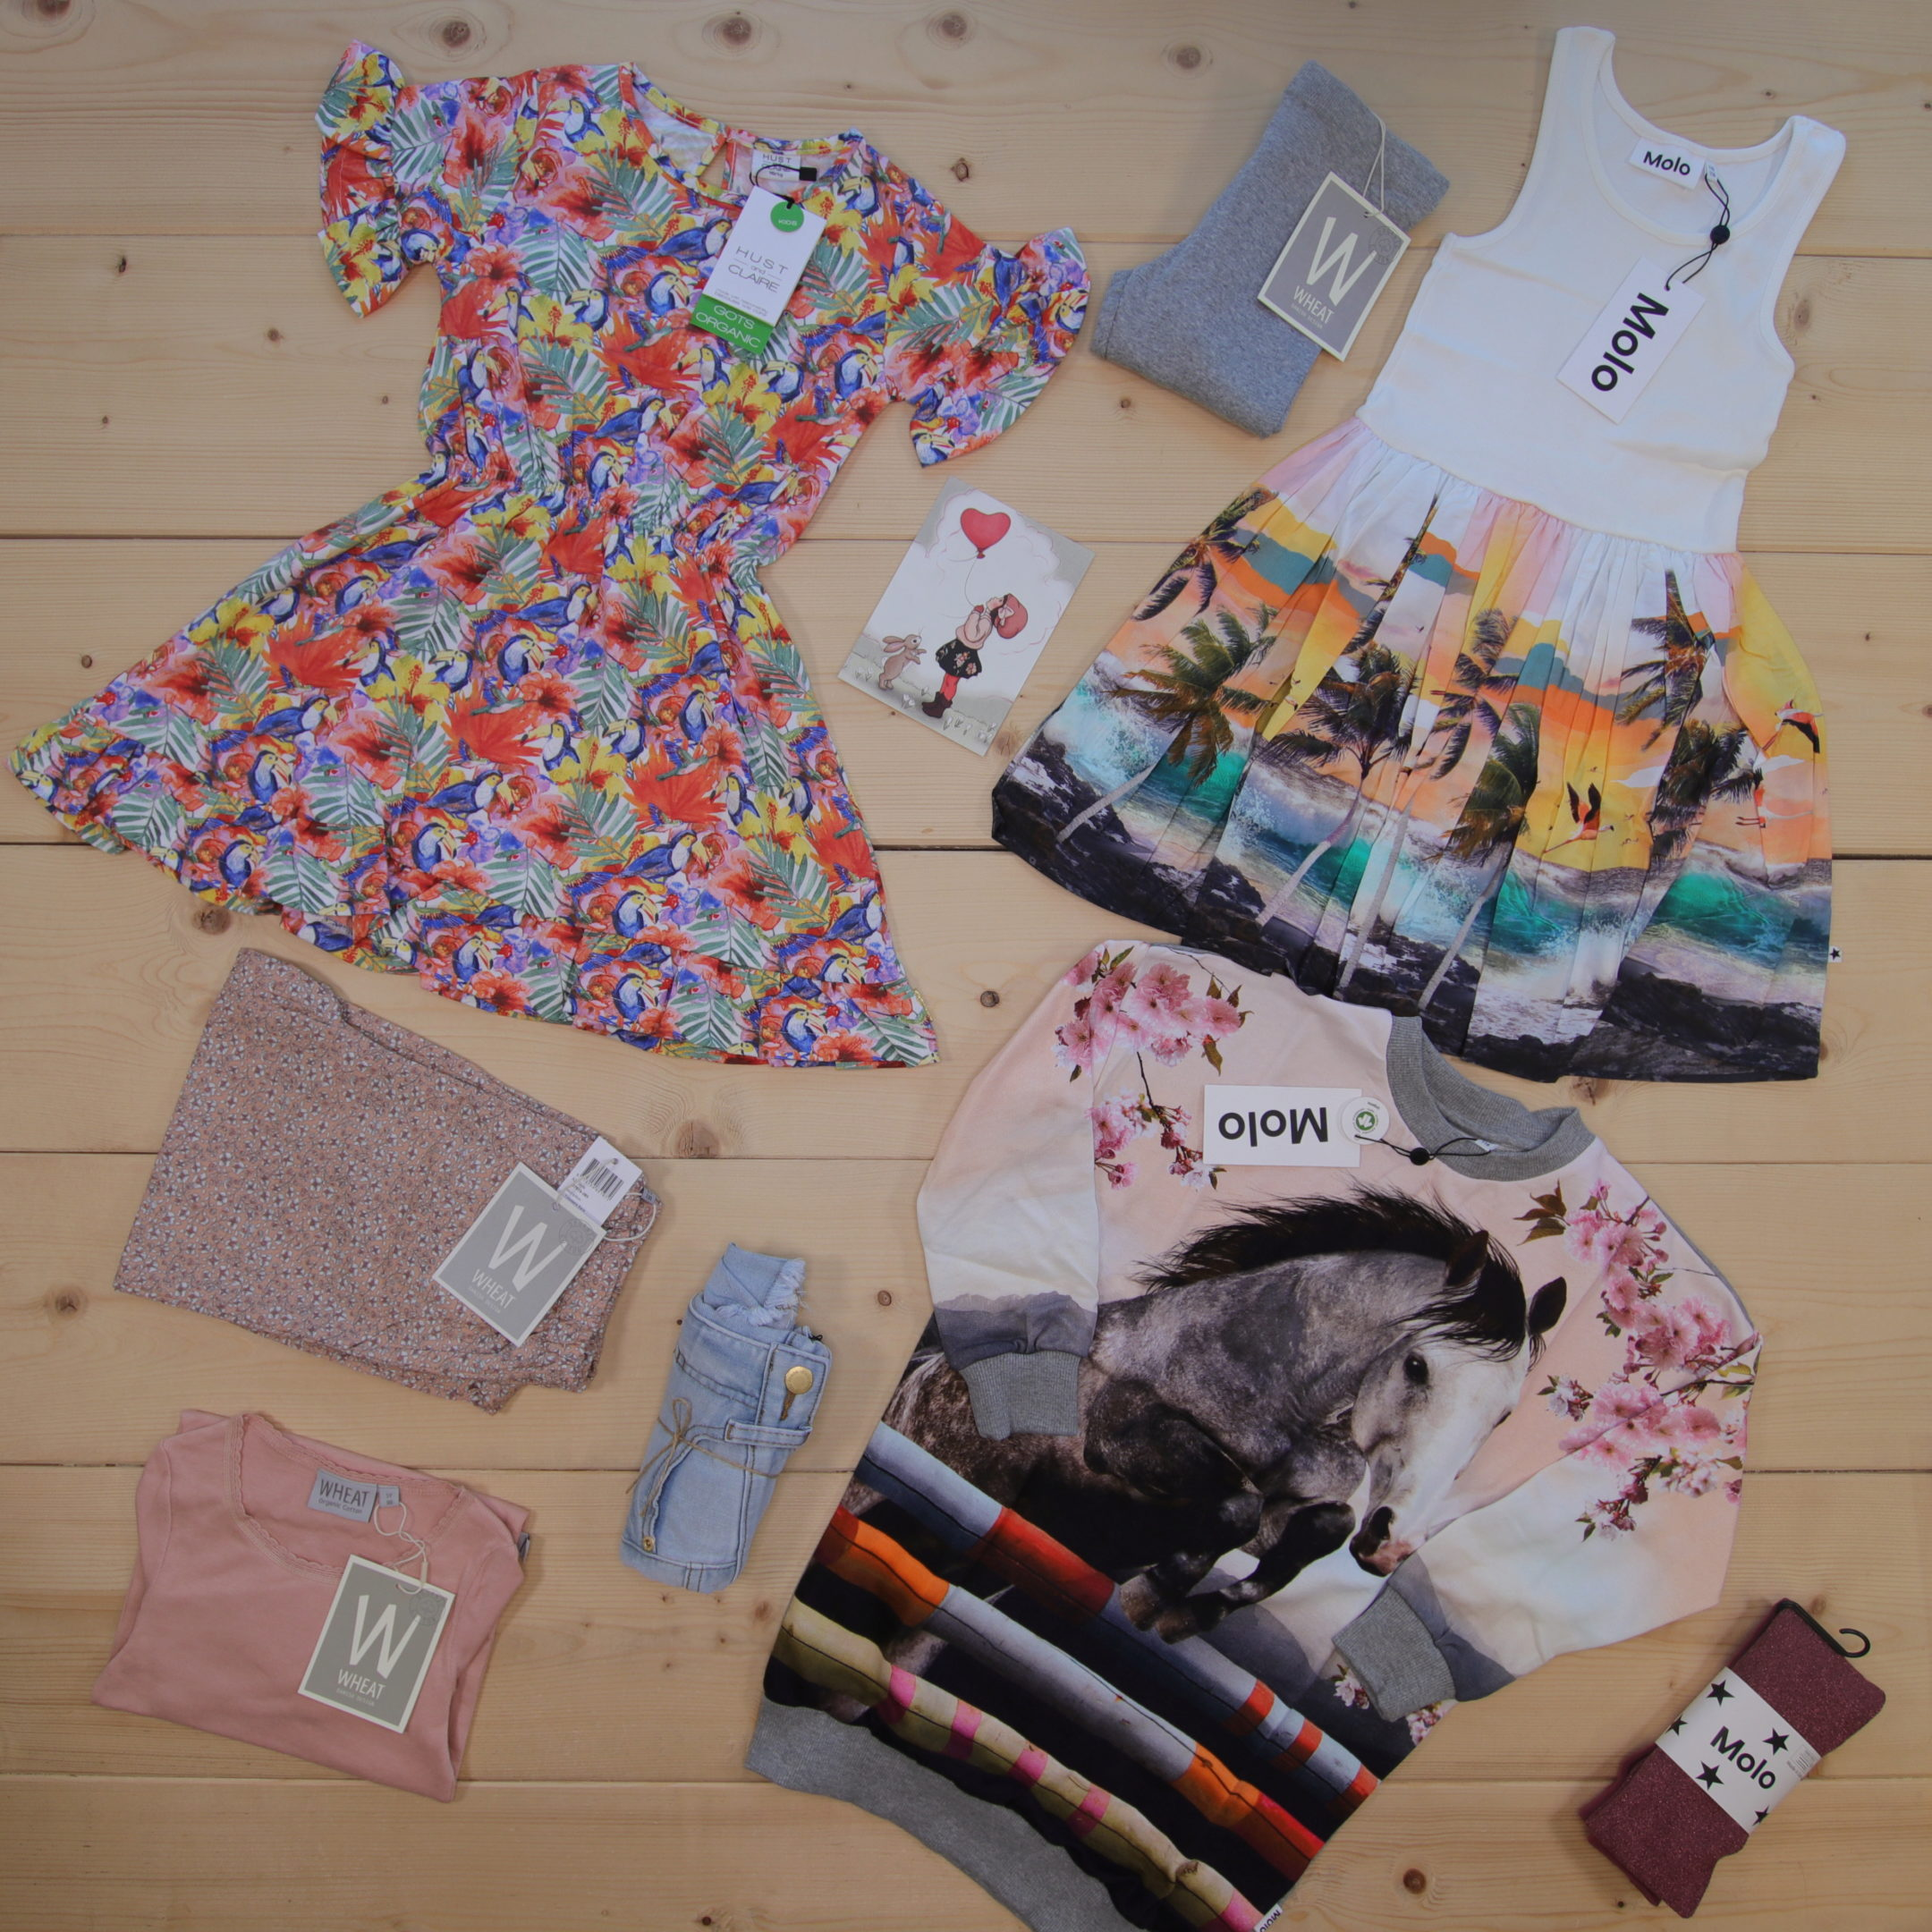 Dette er Småpakke som vi forberedte for en jente i stilene cute, cool, og colorful